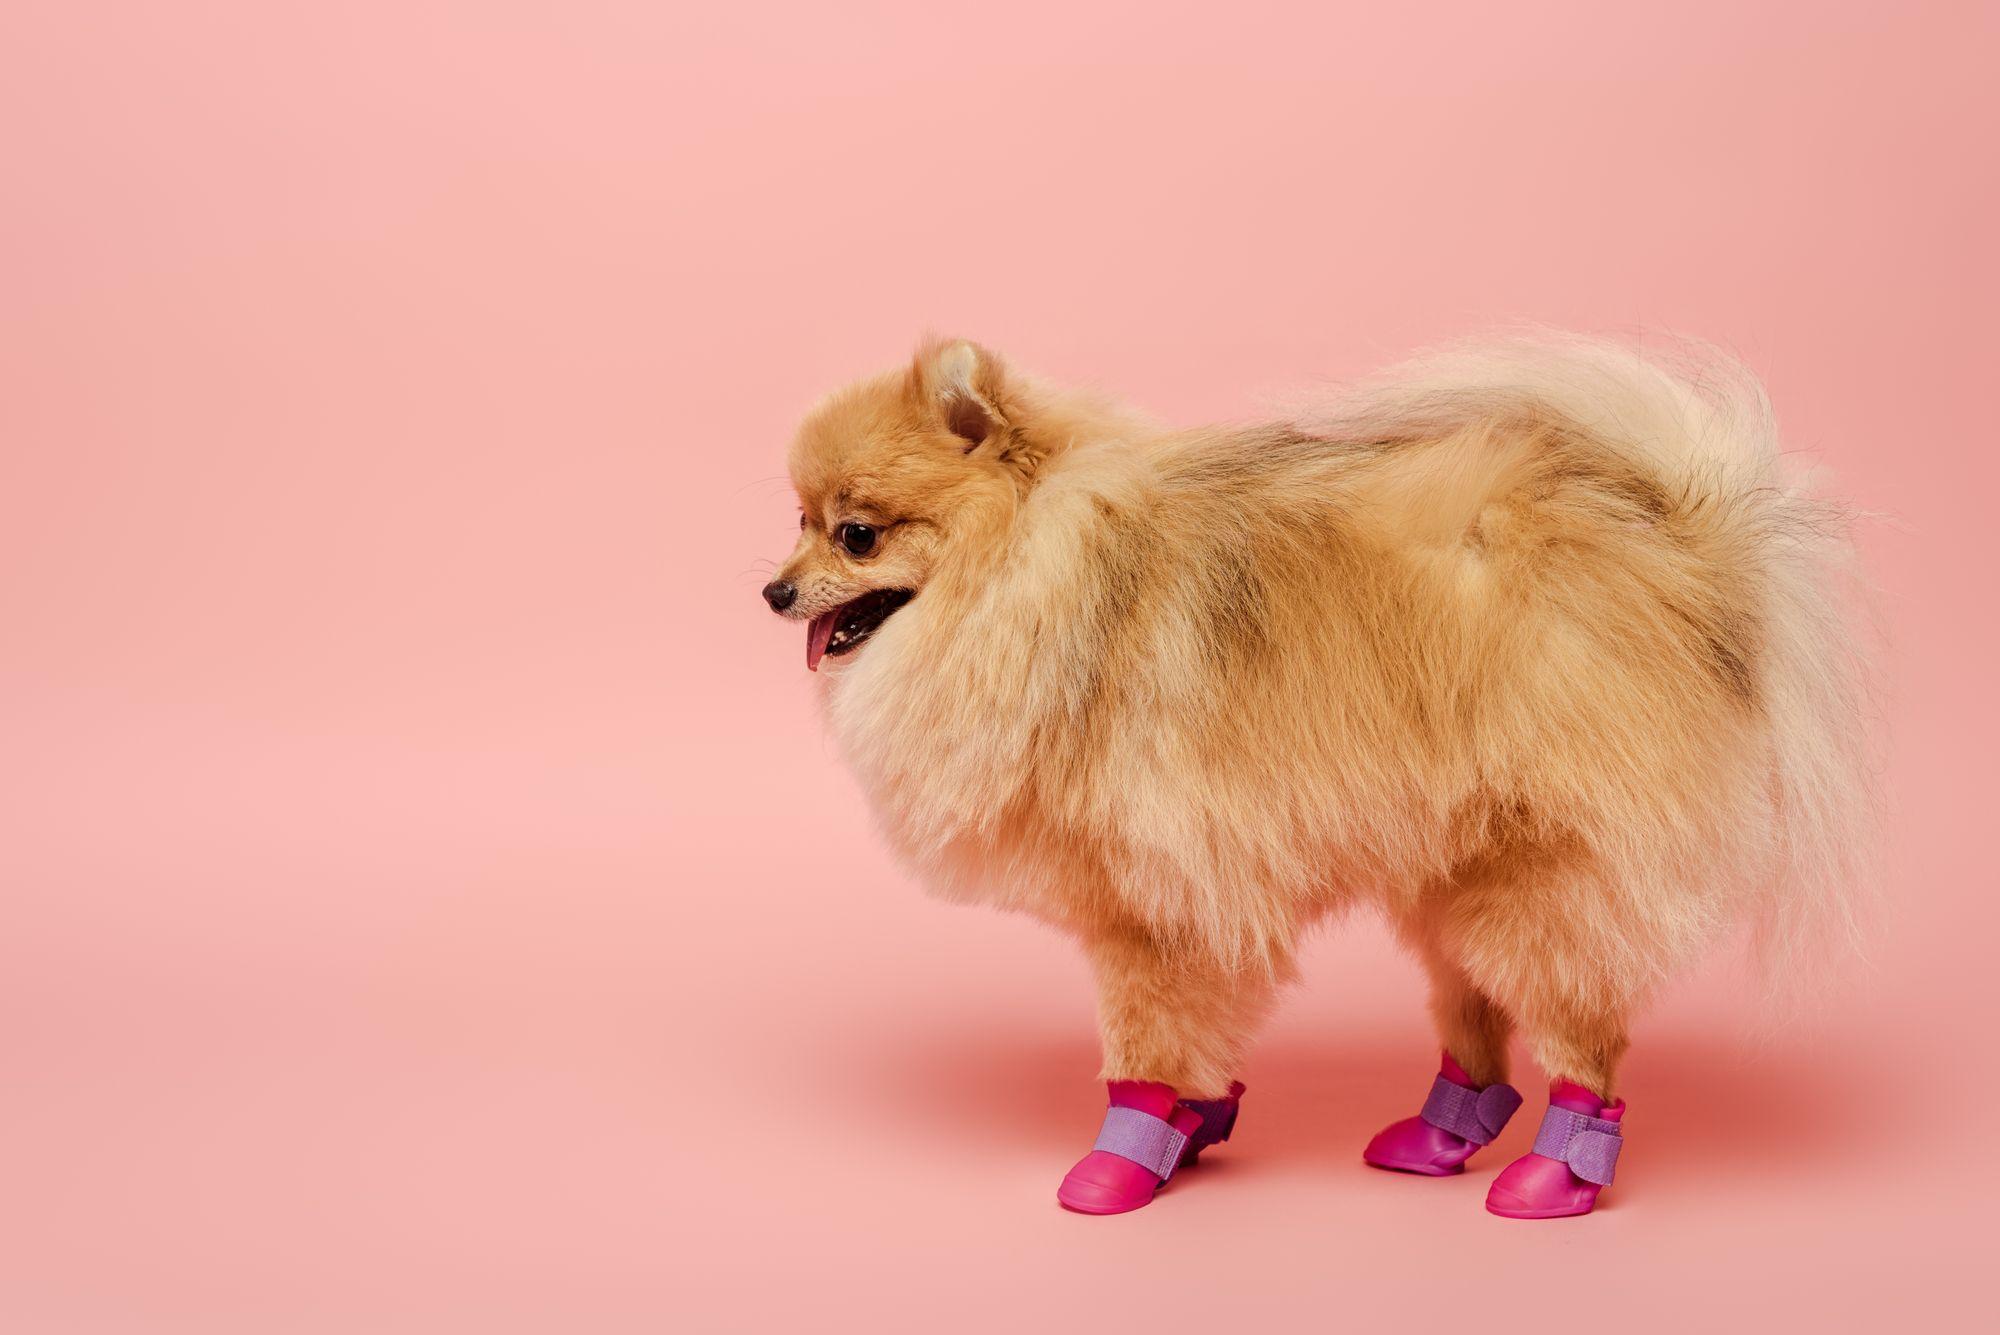 cute pomeranian in shoes